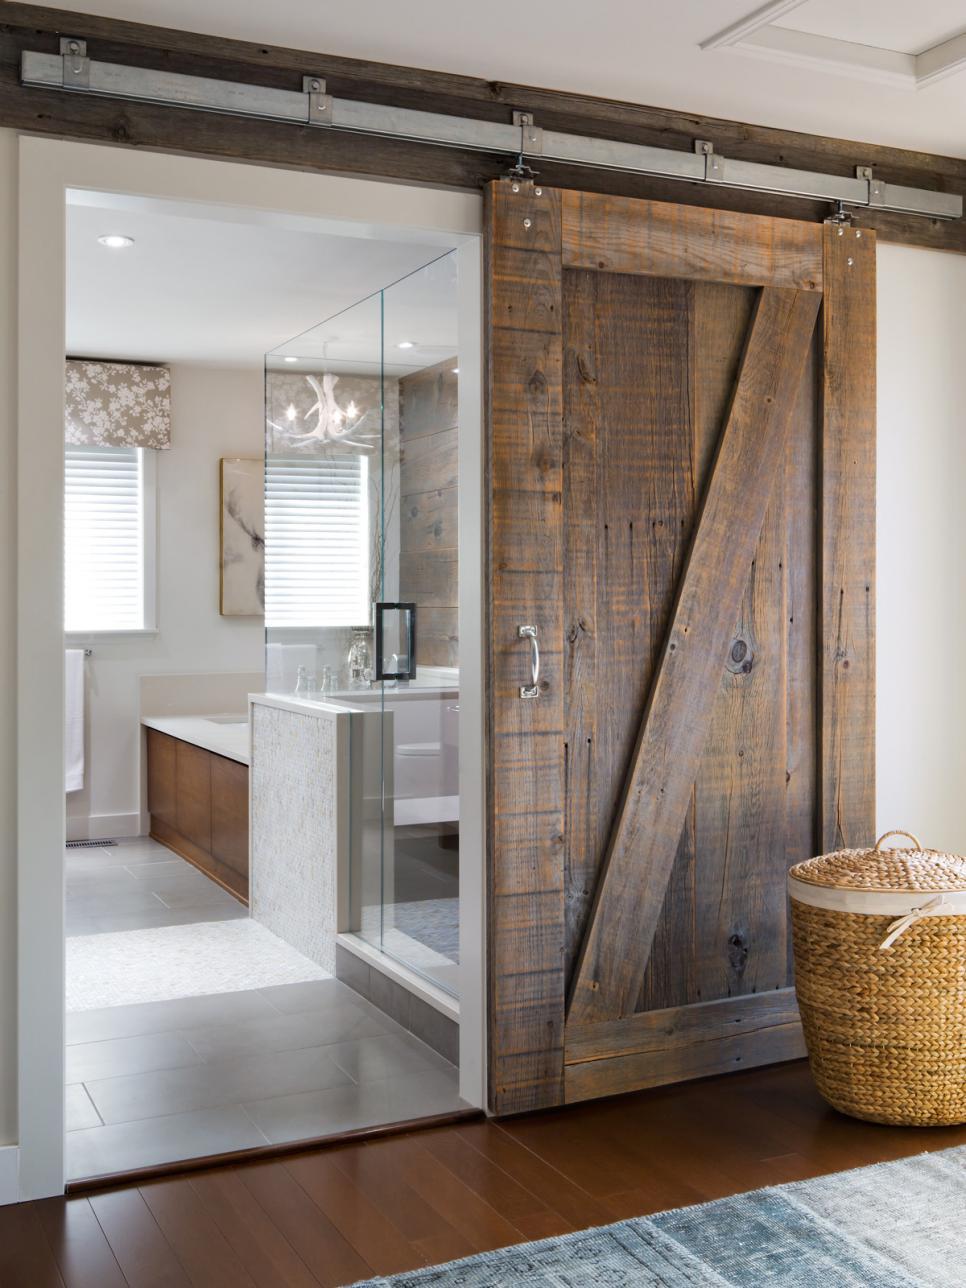 Rustic Sliding Barn Door for Bathroom | HGTV